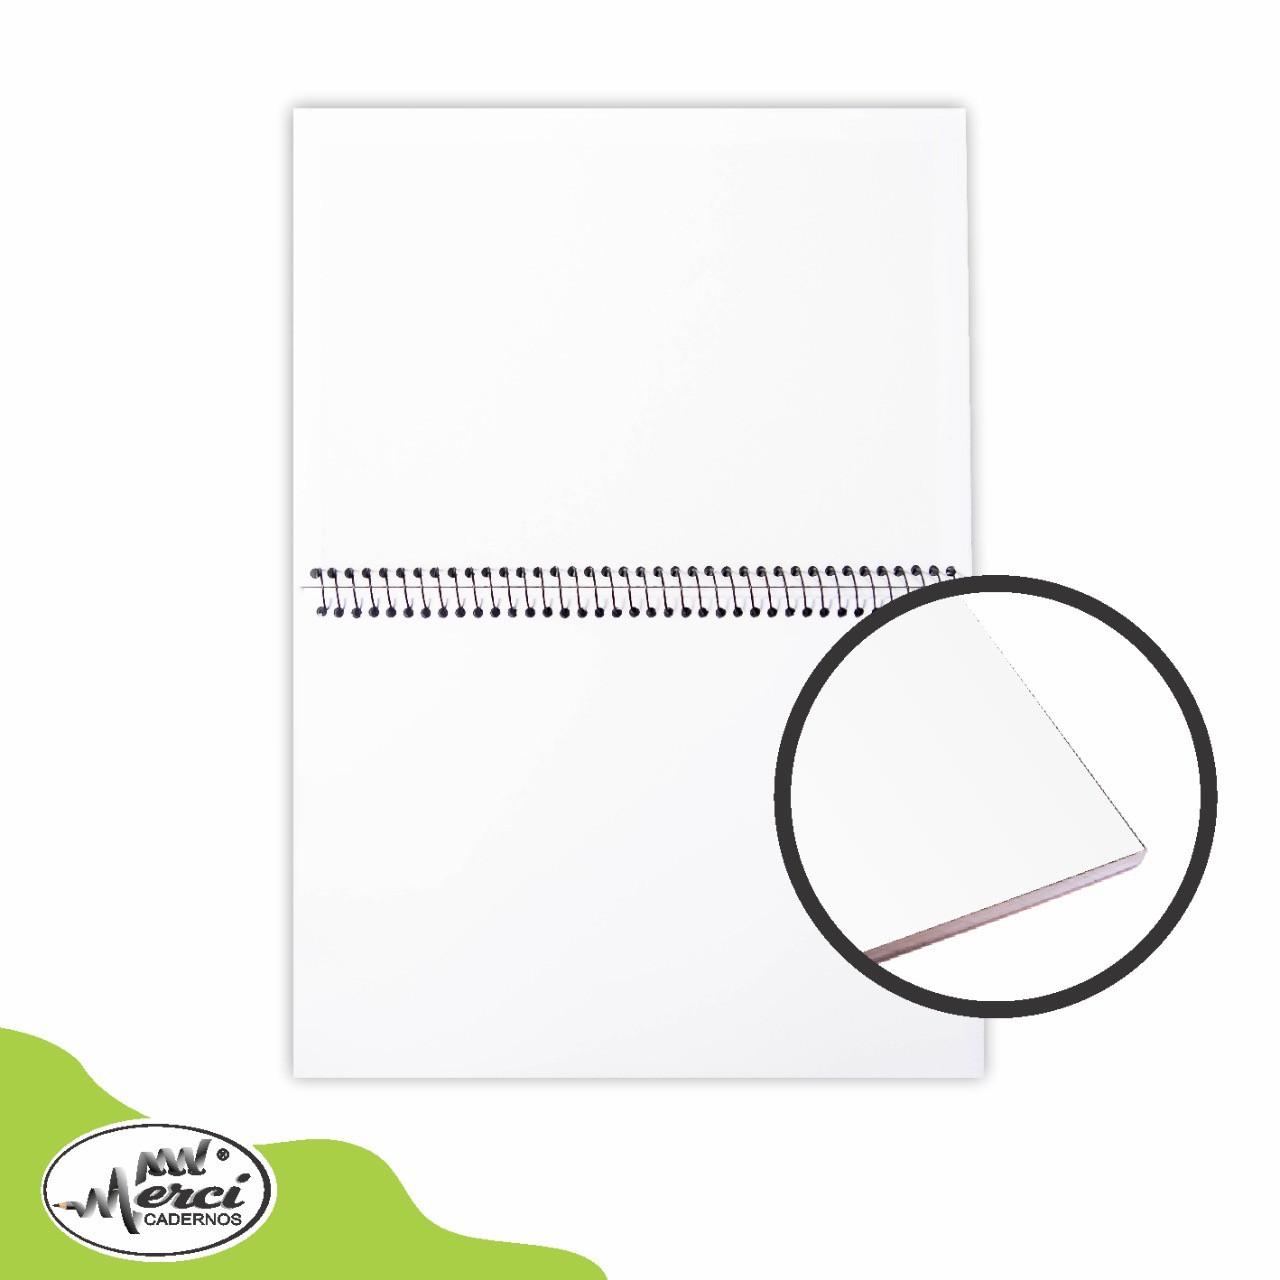 Caderno Sem Pauta Para Desenho Capa Branca Folhas Brancas 180g Merci